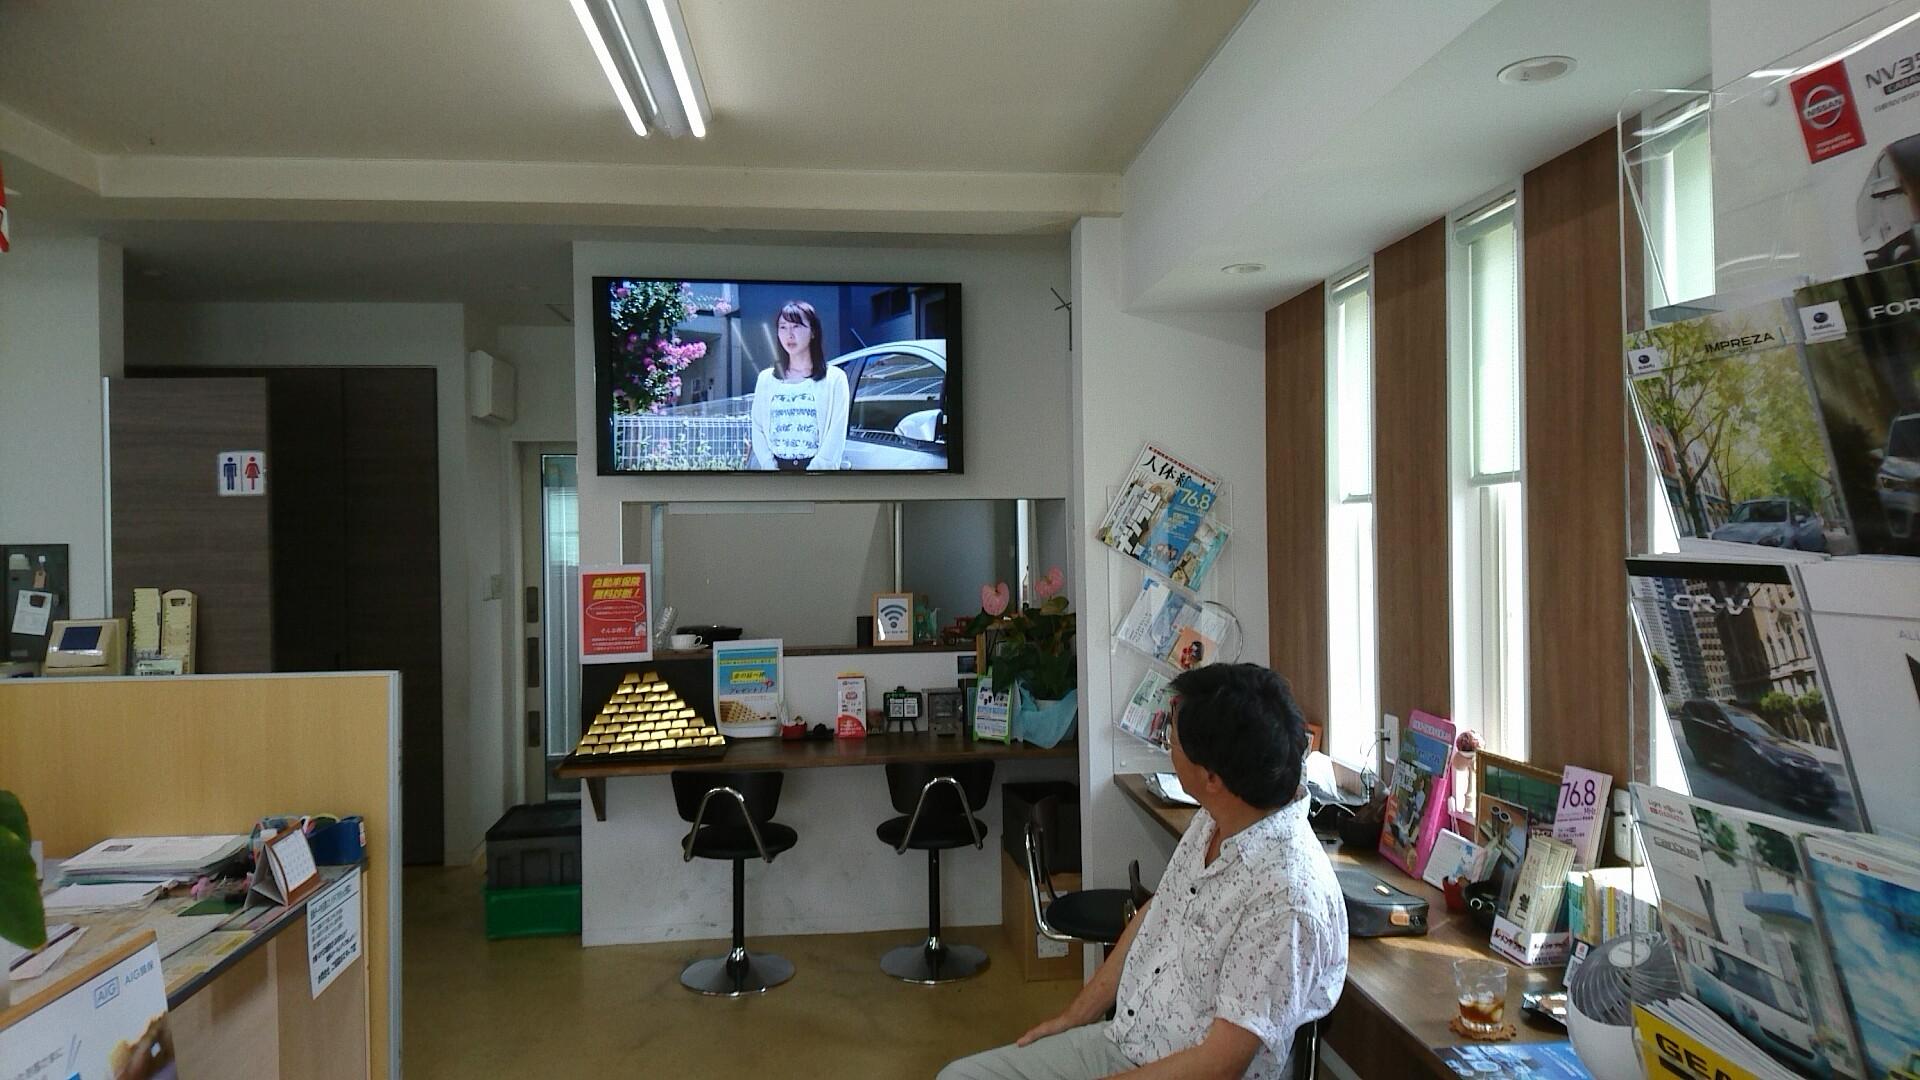 説明上手なテレビ。_b0237229_16022796.jpg